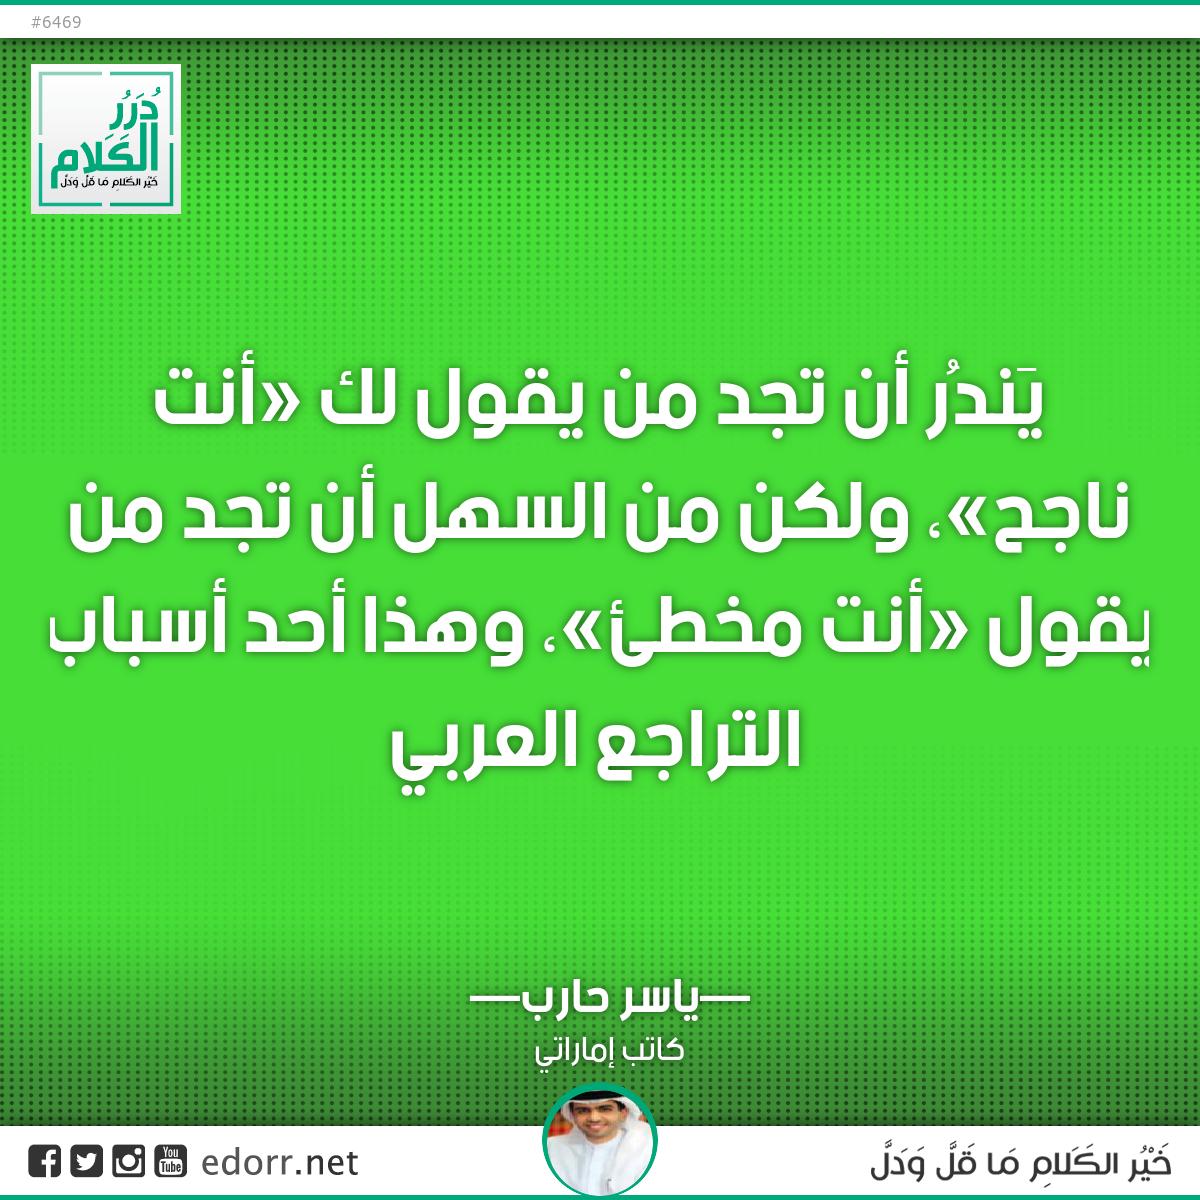 يَندُر أن تجد من يقول لك «أنت ناجح»، ولكن من السهل أن تجد من يقول «أنت مخطئ»، وهذا أحد أسباب التراجع العربي.